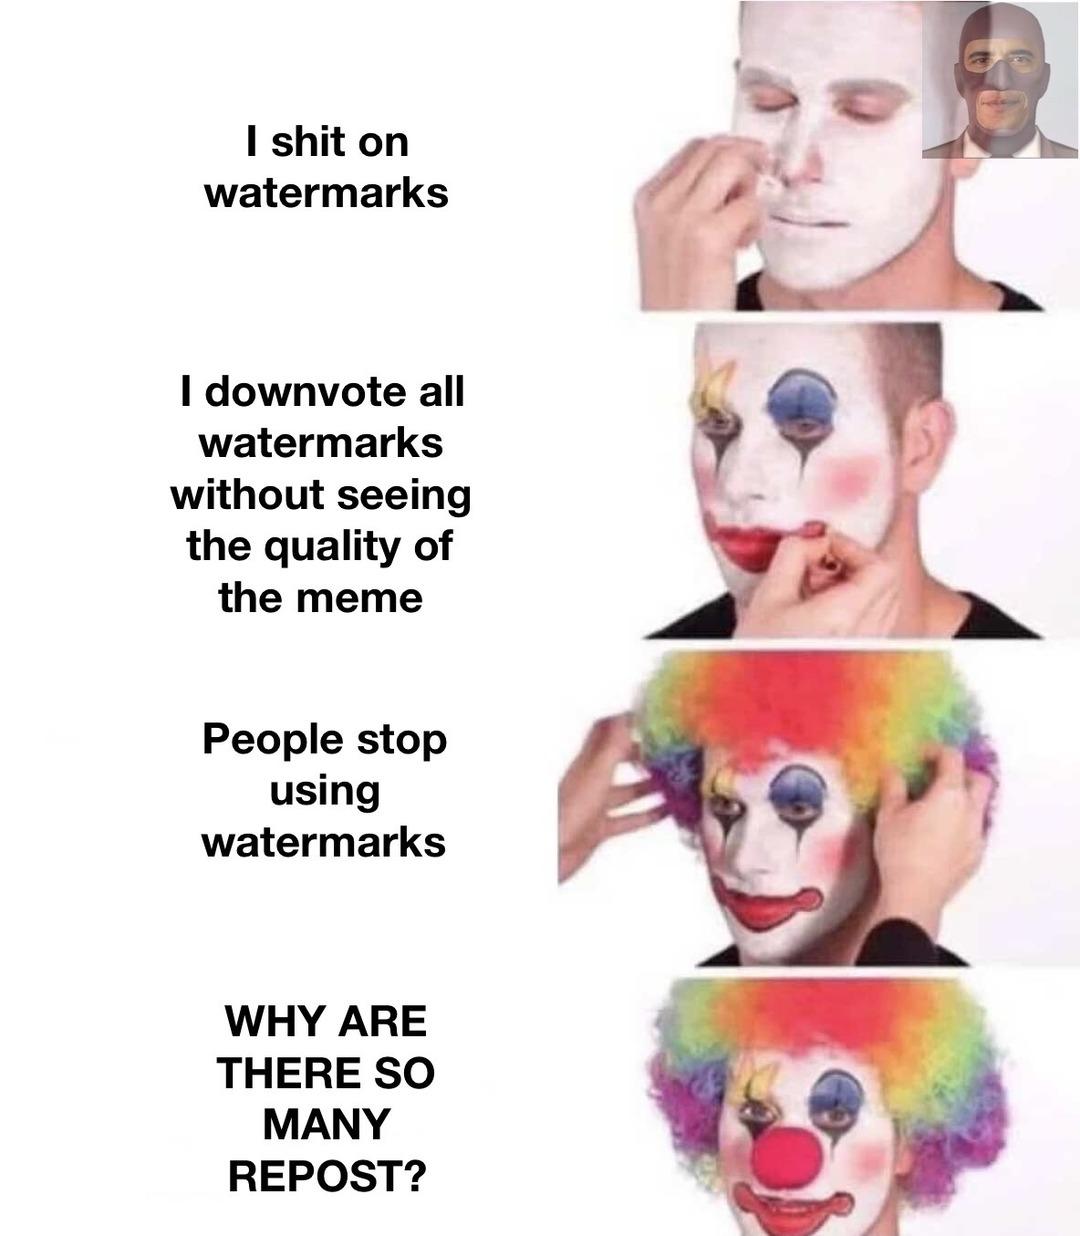 WATERMARK GO BRR - meme